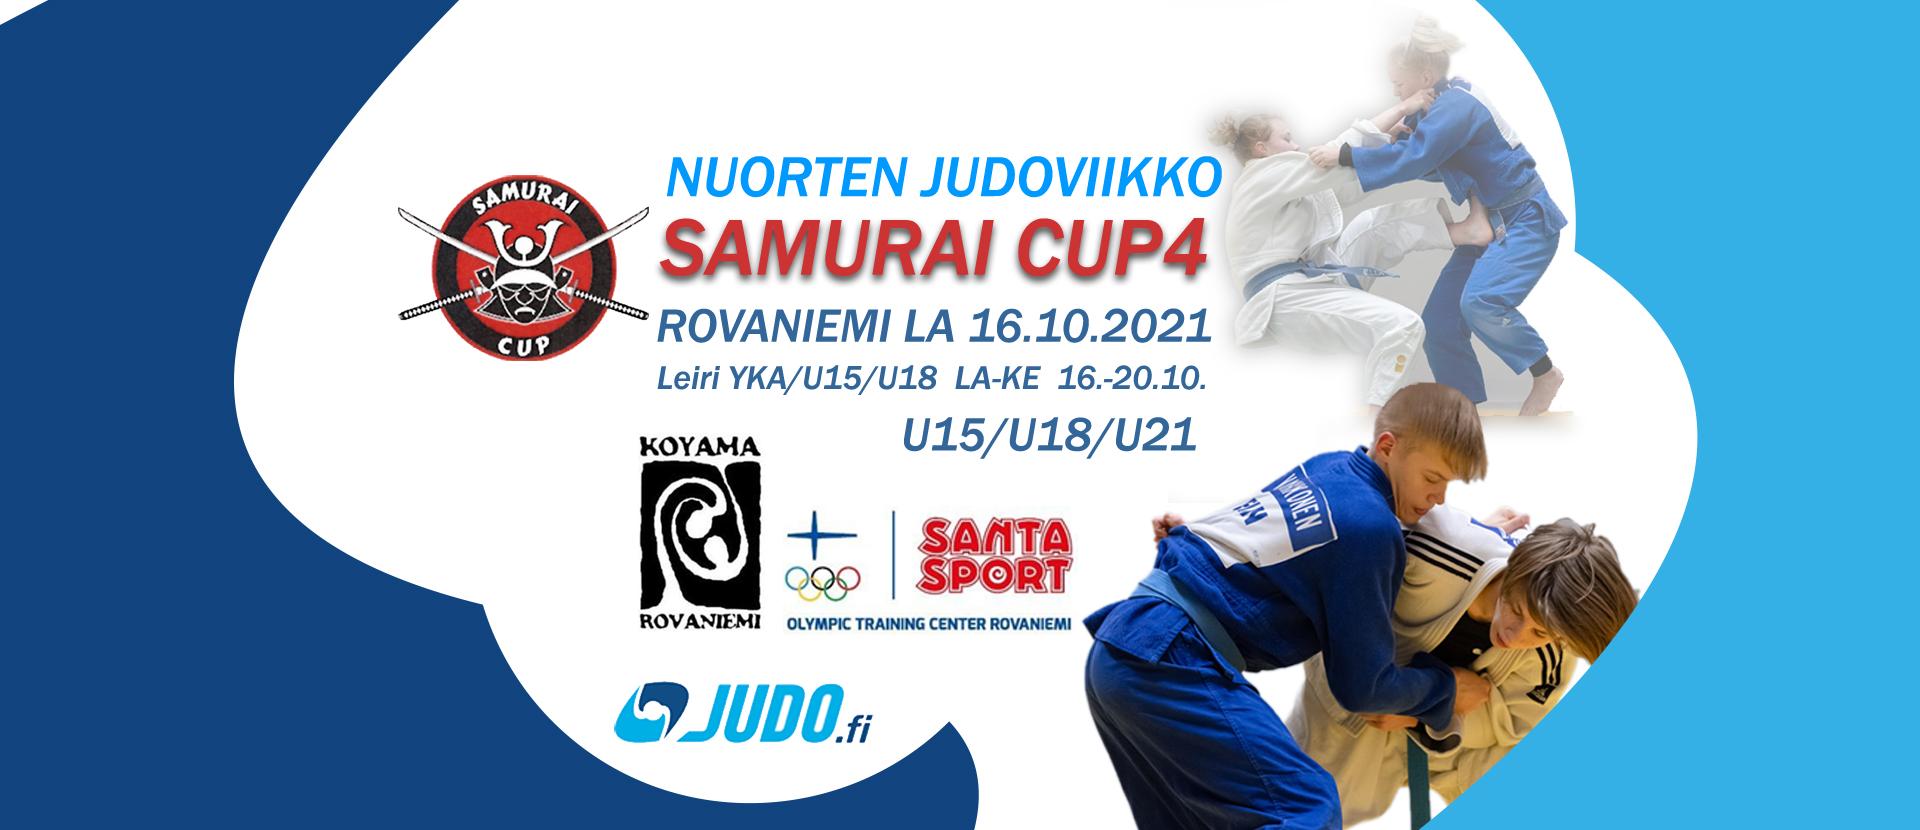 Samurai cup 4 ja nuorten judoviikko